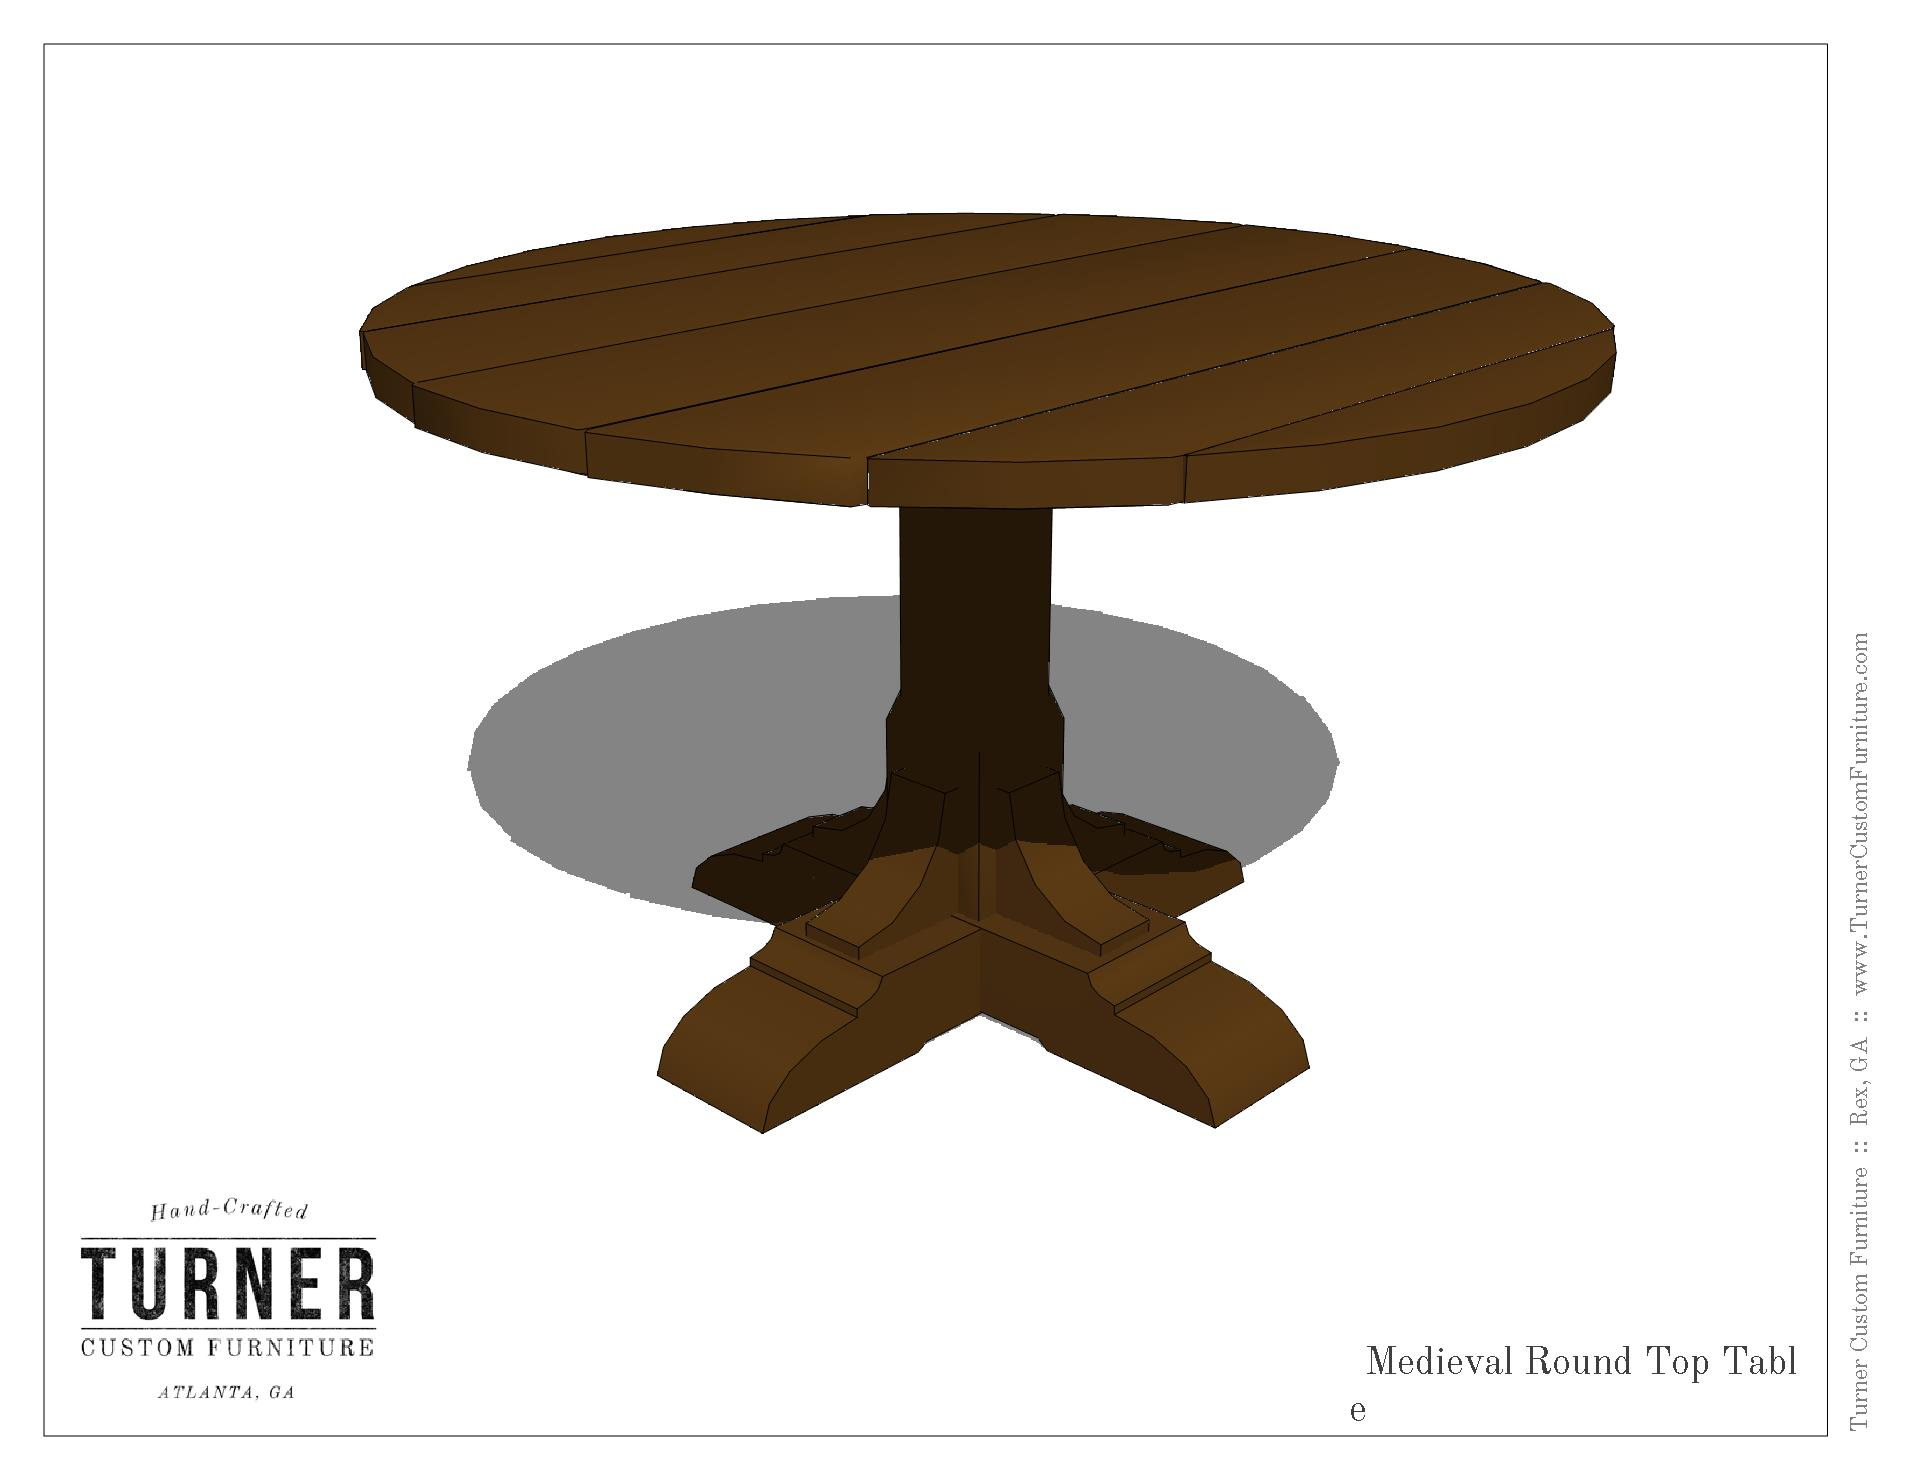 Table Builder_17.jpg